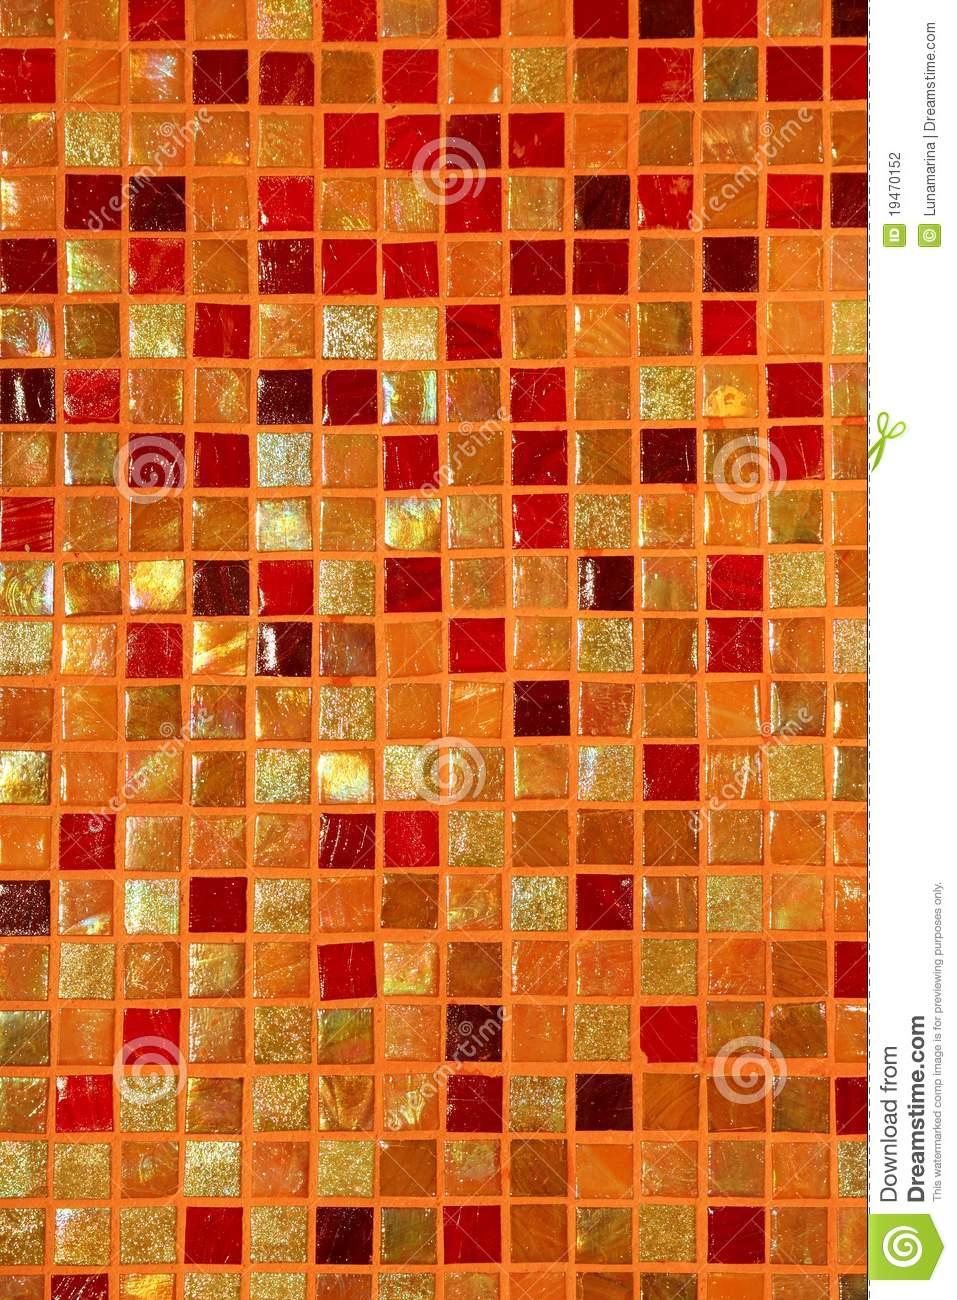 плитки-мозаики-керамического-цветастого-состава-стеклянные-19470152